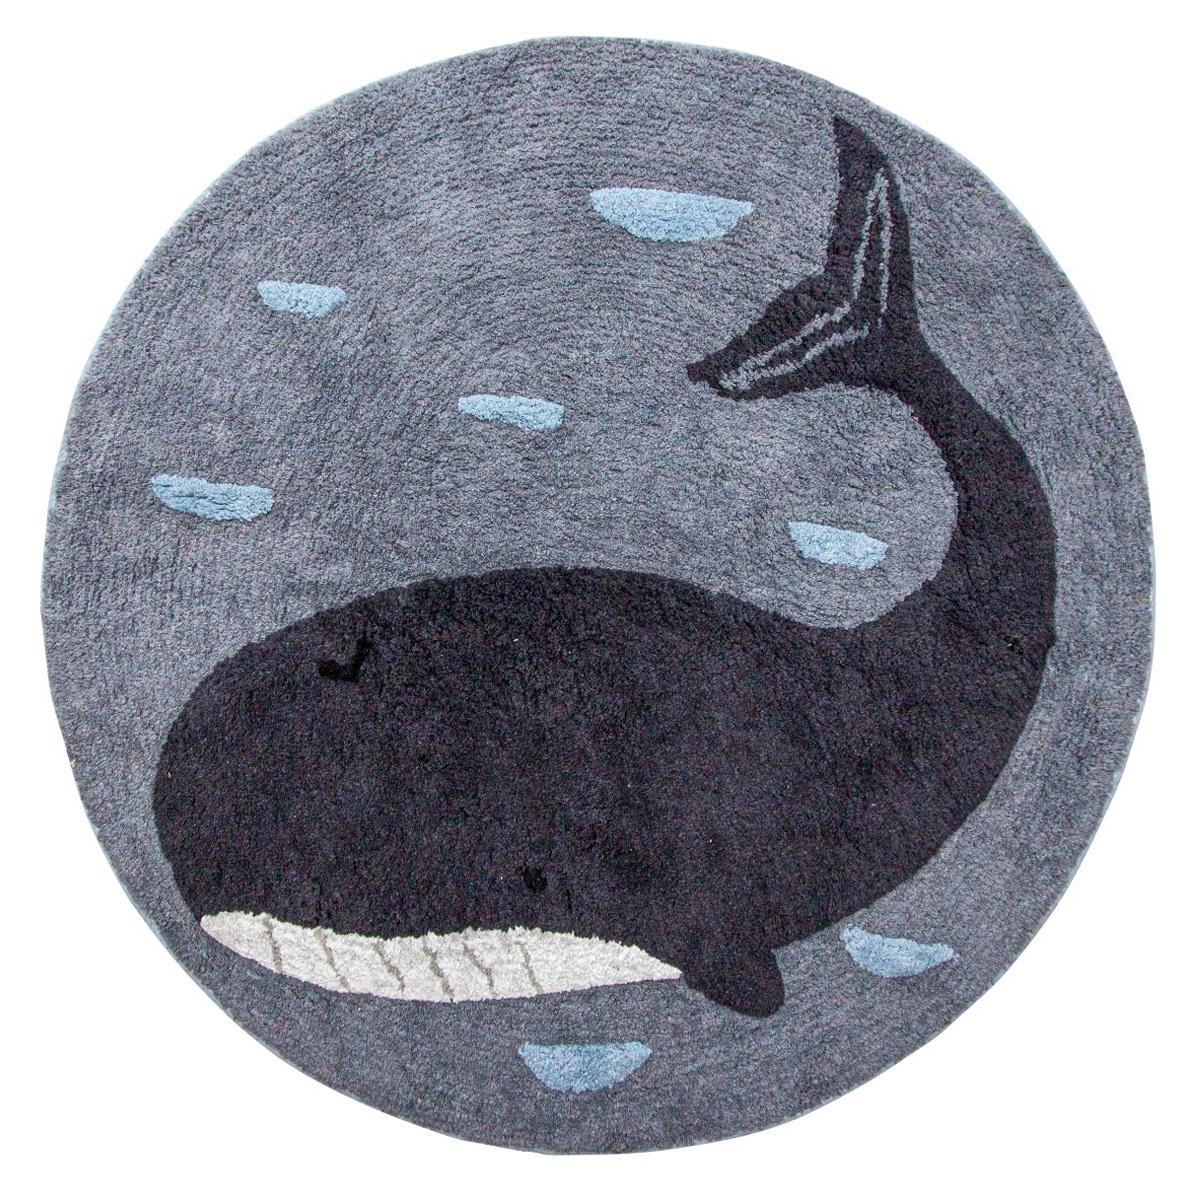 Tapis Tapis Marion la Baleine - Ø 120 cm Tapis Marion la Baleine - Ø 120 cm